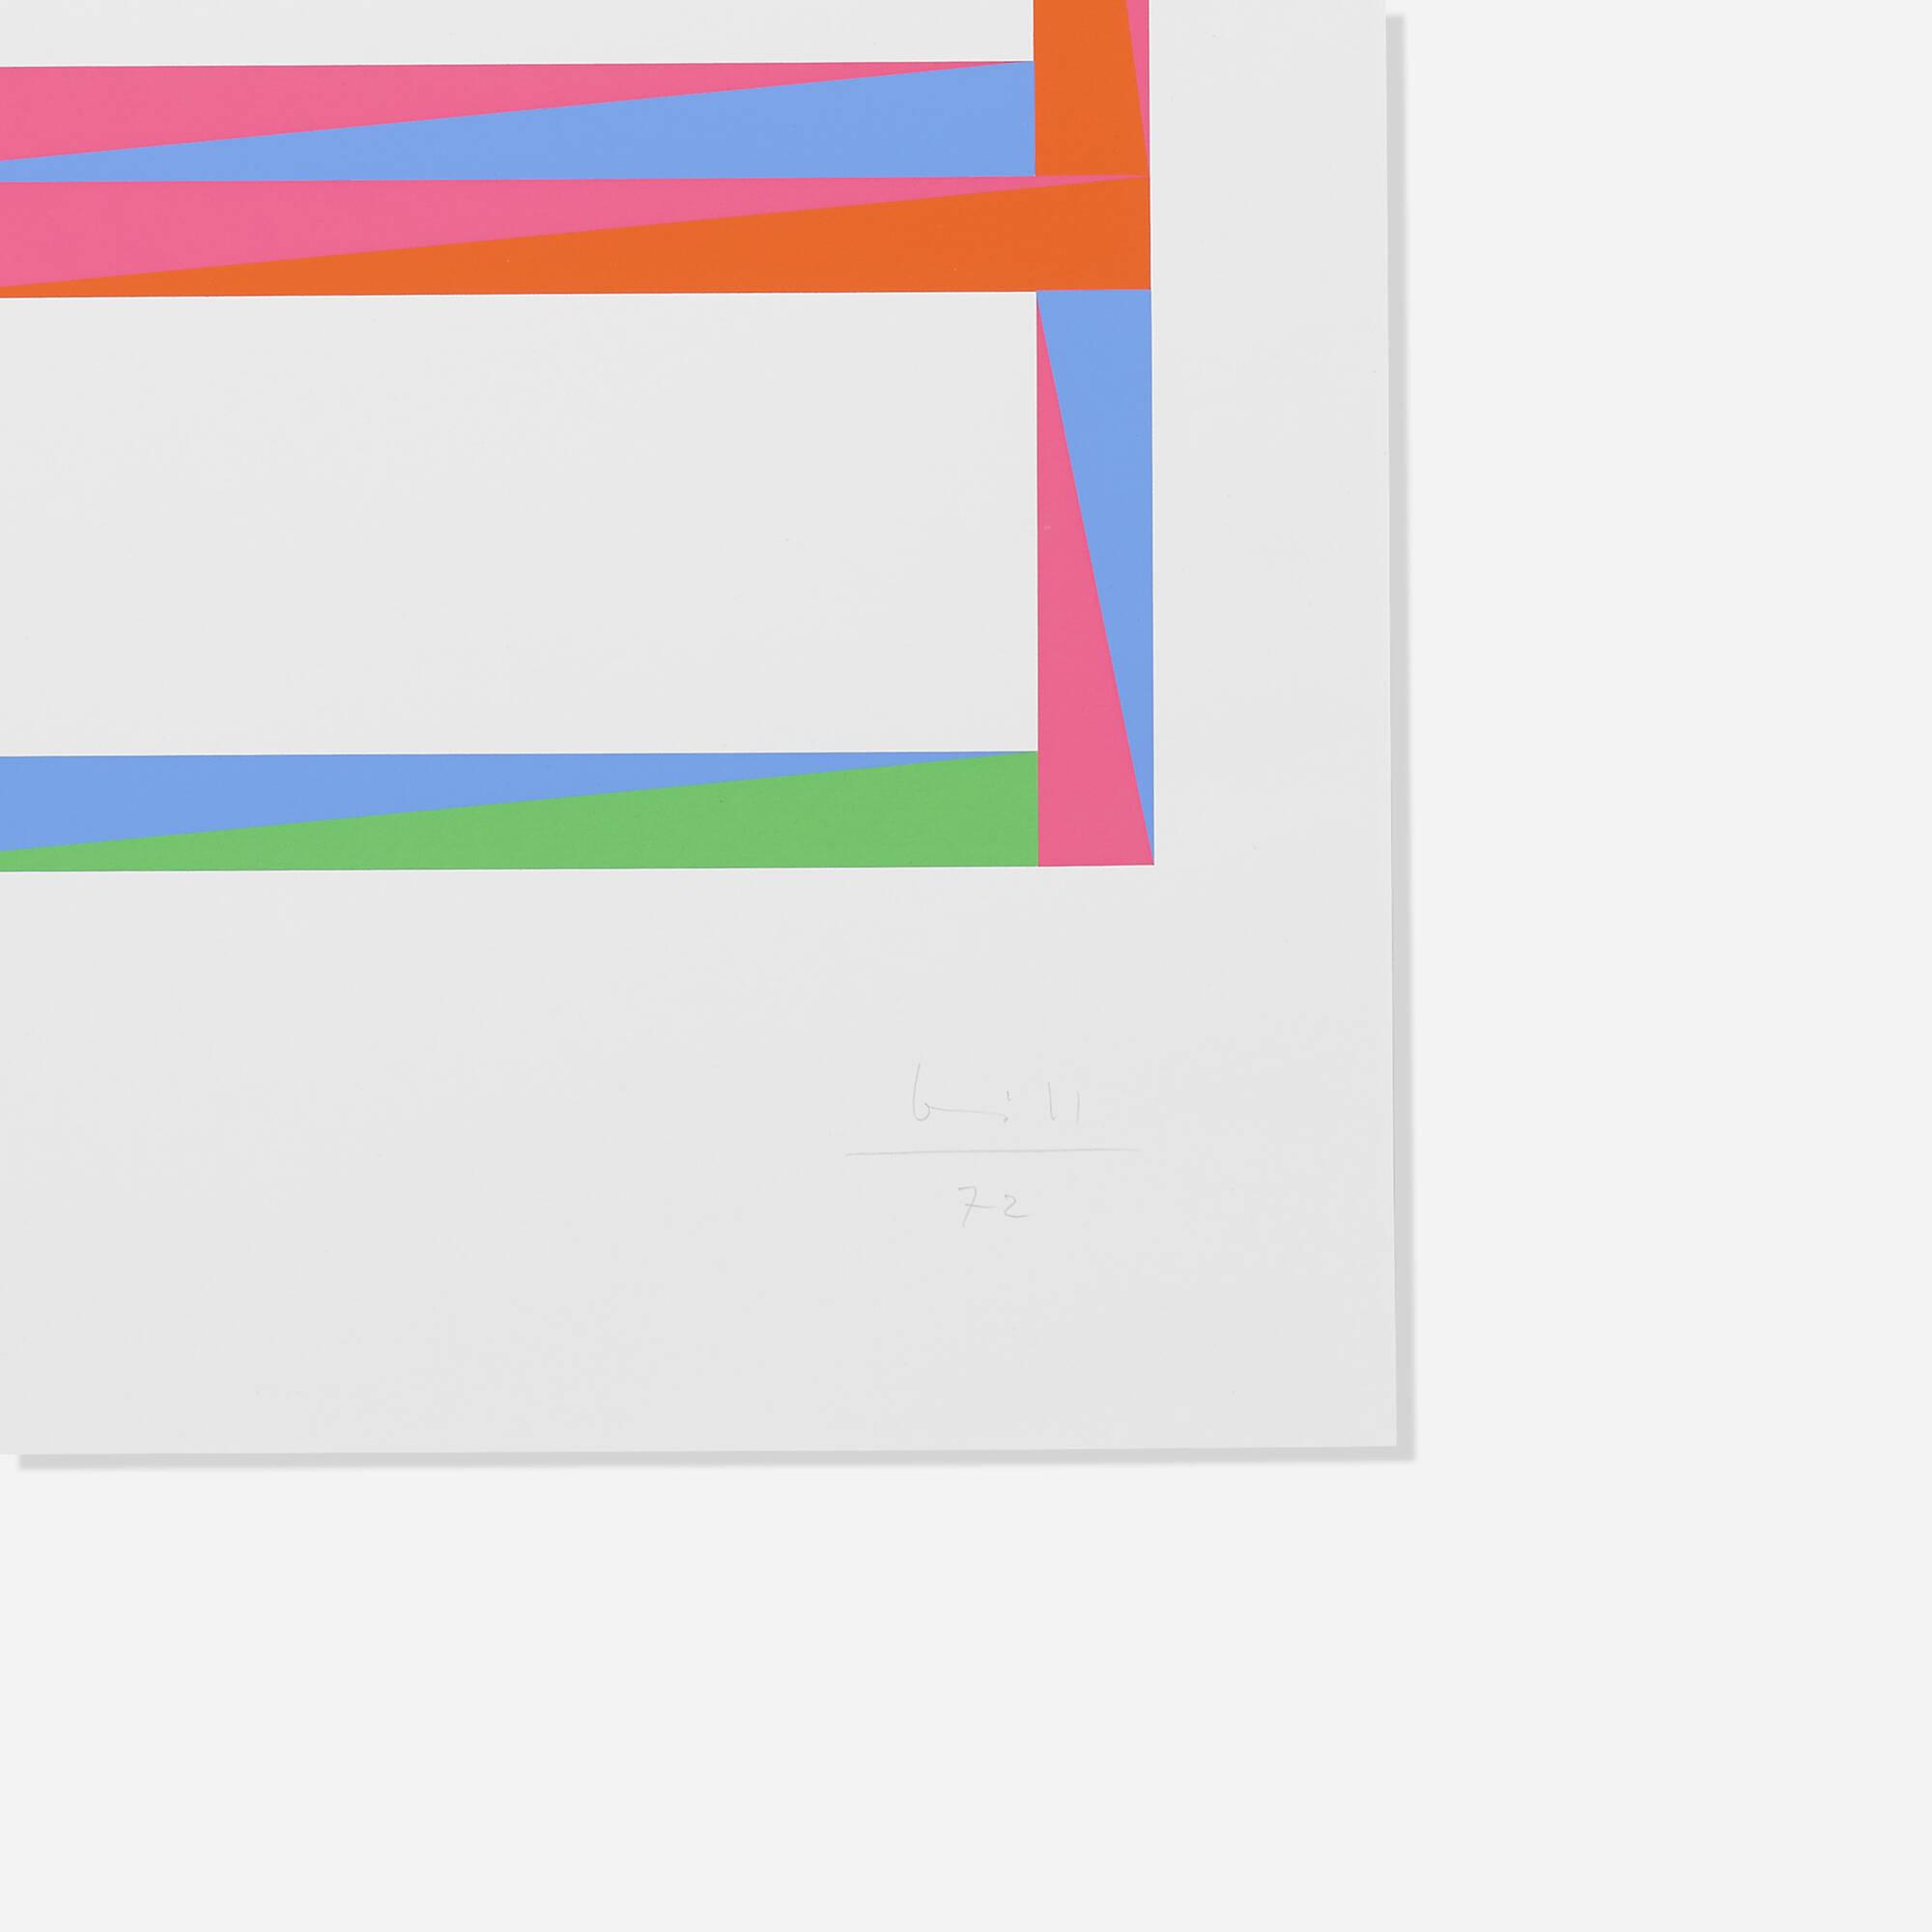 178: Max Bill / Untitled (2 of 2)